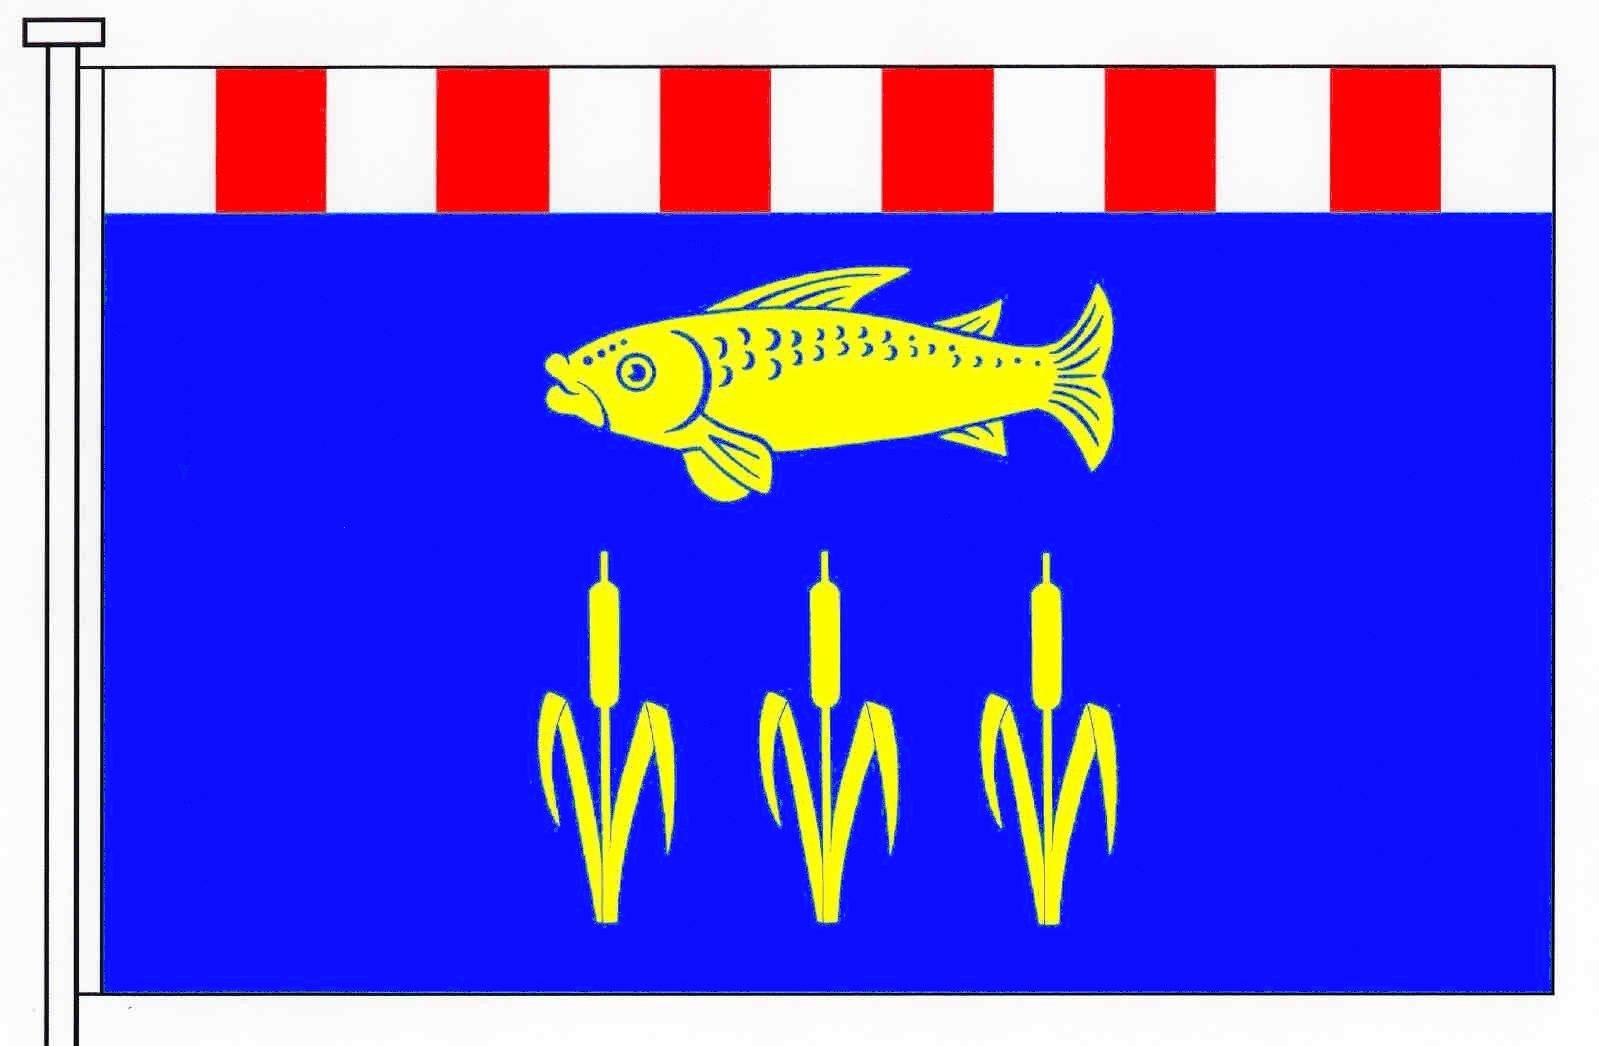 Flagge GemeindeAventoft, Kreis Nordfriesland